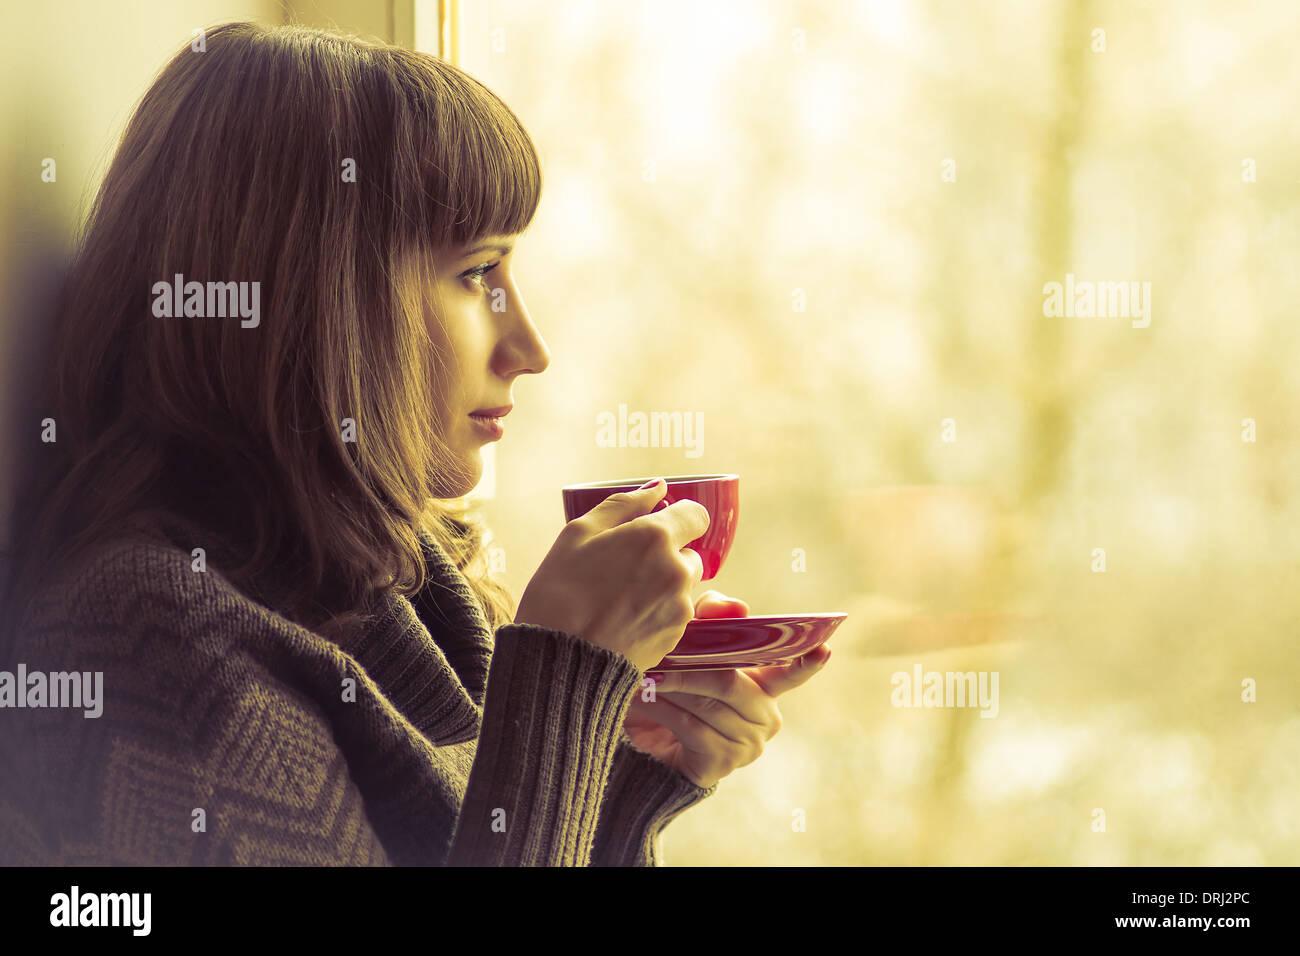 Kaffee. Hübsches Mädchen, trinken Kaffee oder Tee in der Nähe von Fenster. Warme Farben getönt Stockbild